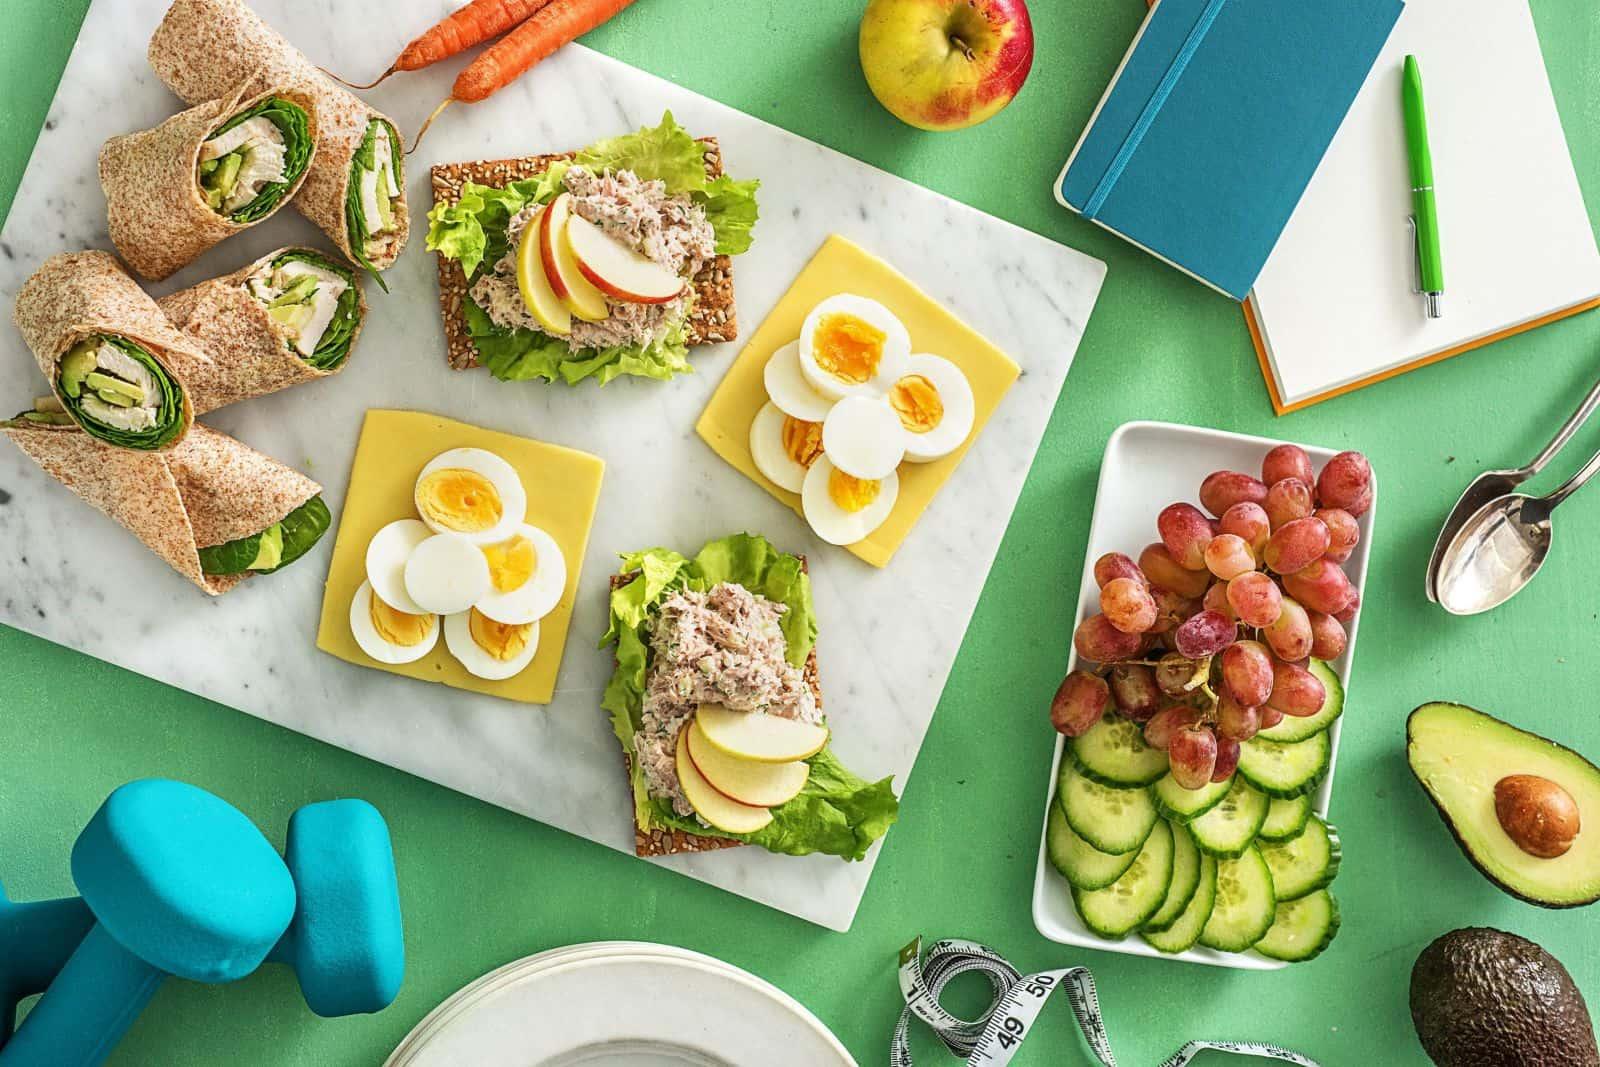 Đam mê ăn uống mà muốn dáng vẫn đẹp, chị em nên tập gym giảm cân đánh bay mỡ thừa-7